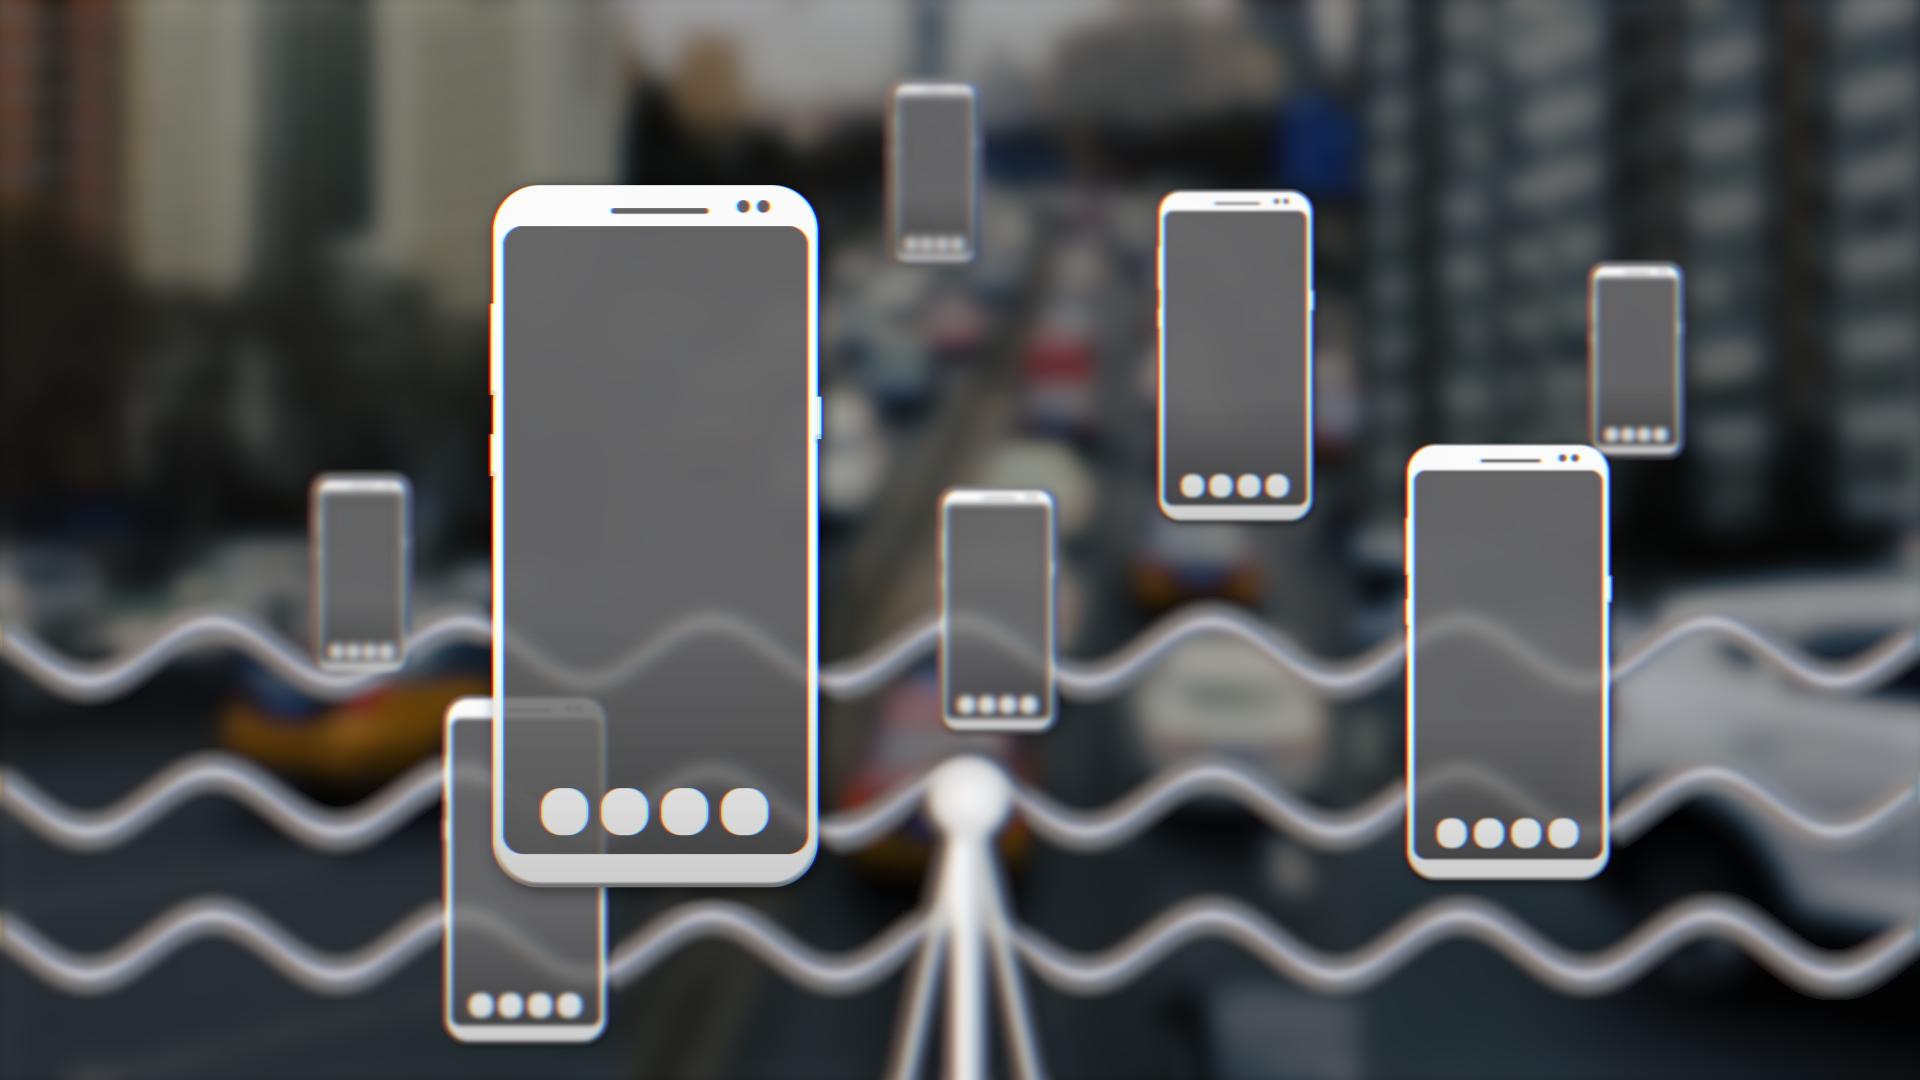 Смартфоны / мобильная связь / мобильник